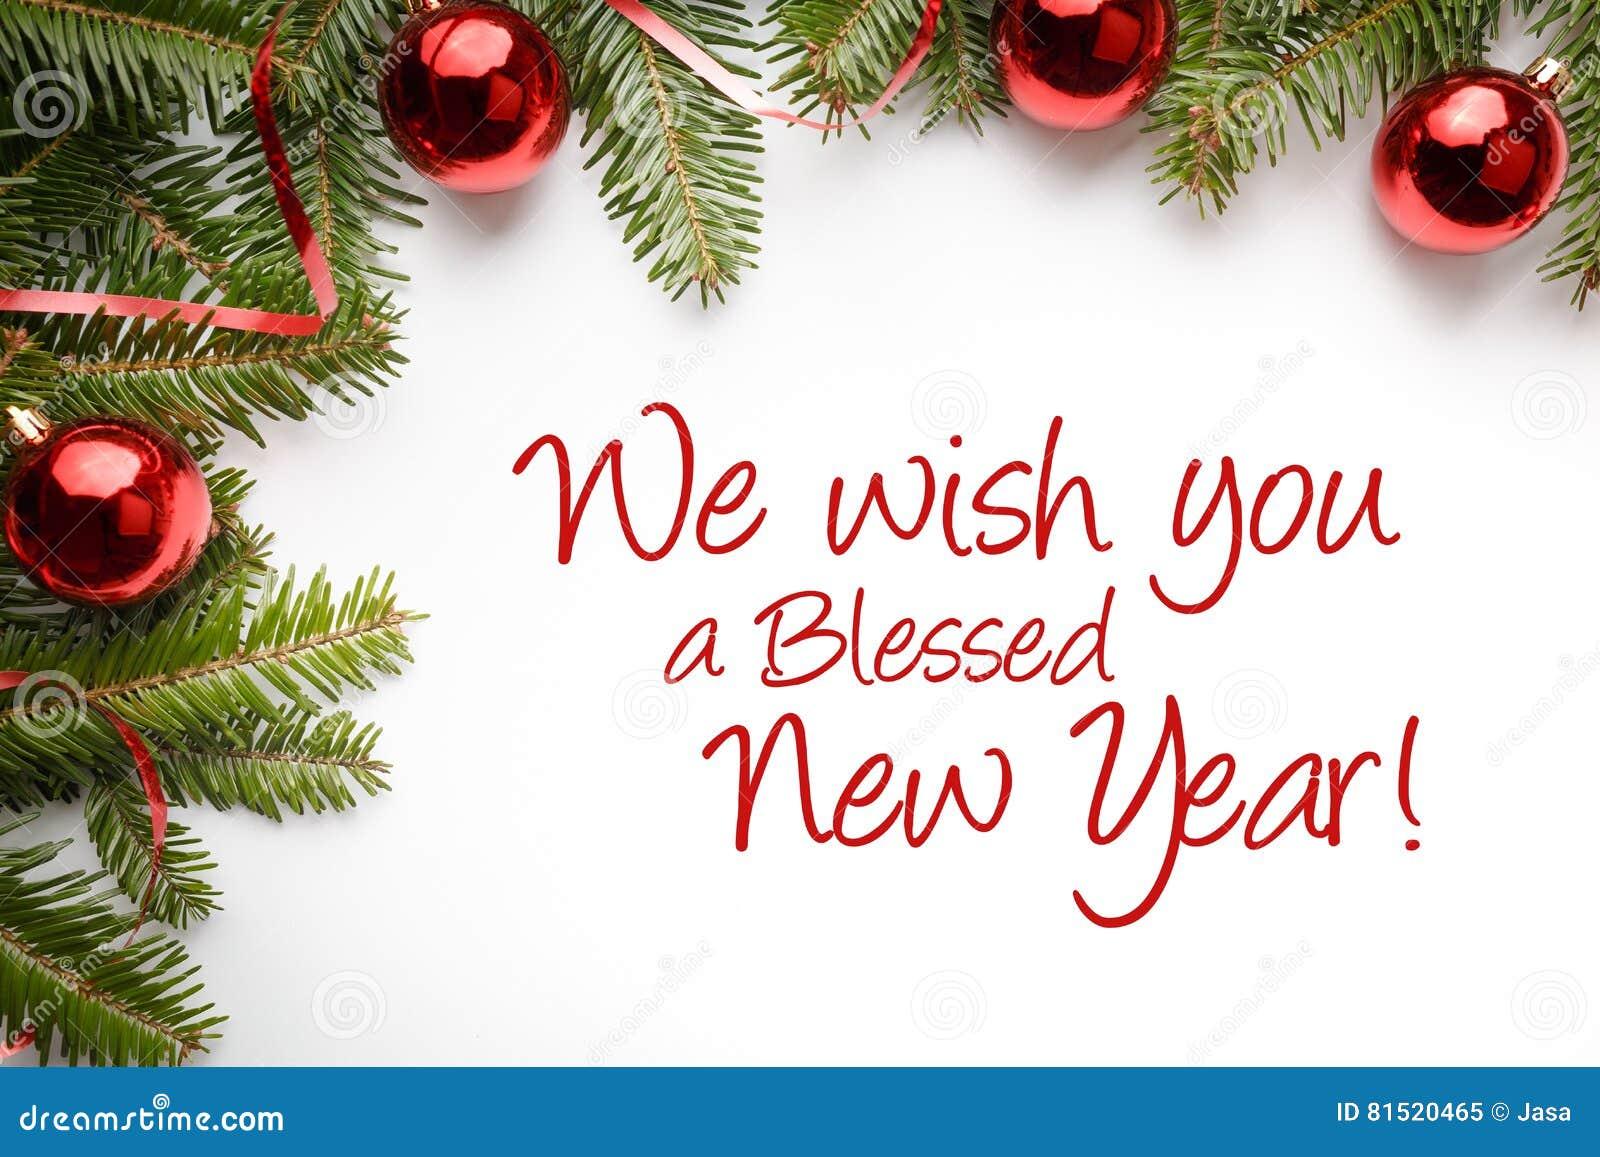 Weihnachtsdekorationen Mit Dem Gruß ` Wünschen Wir Ihnen Ein ...